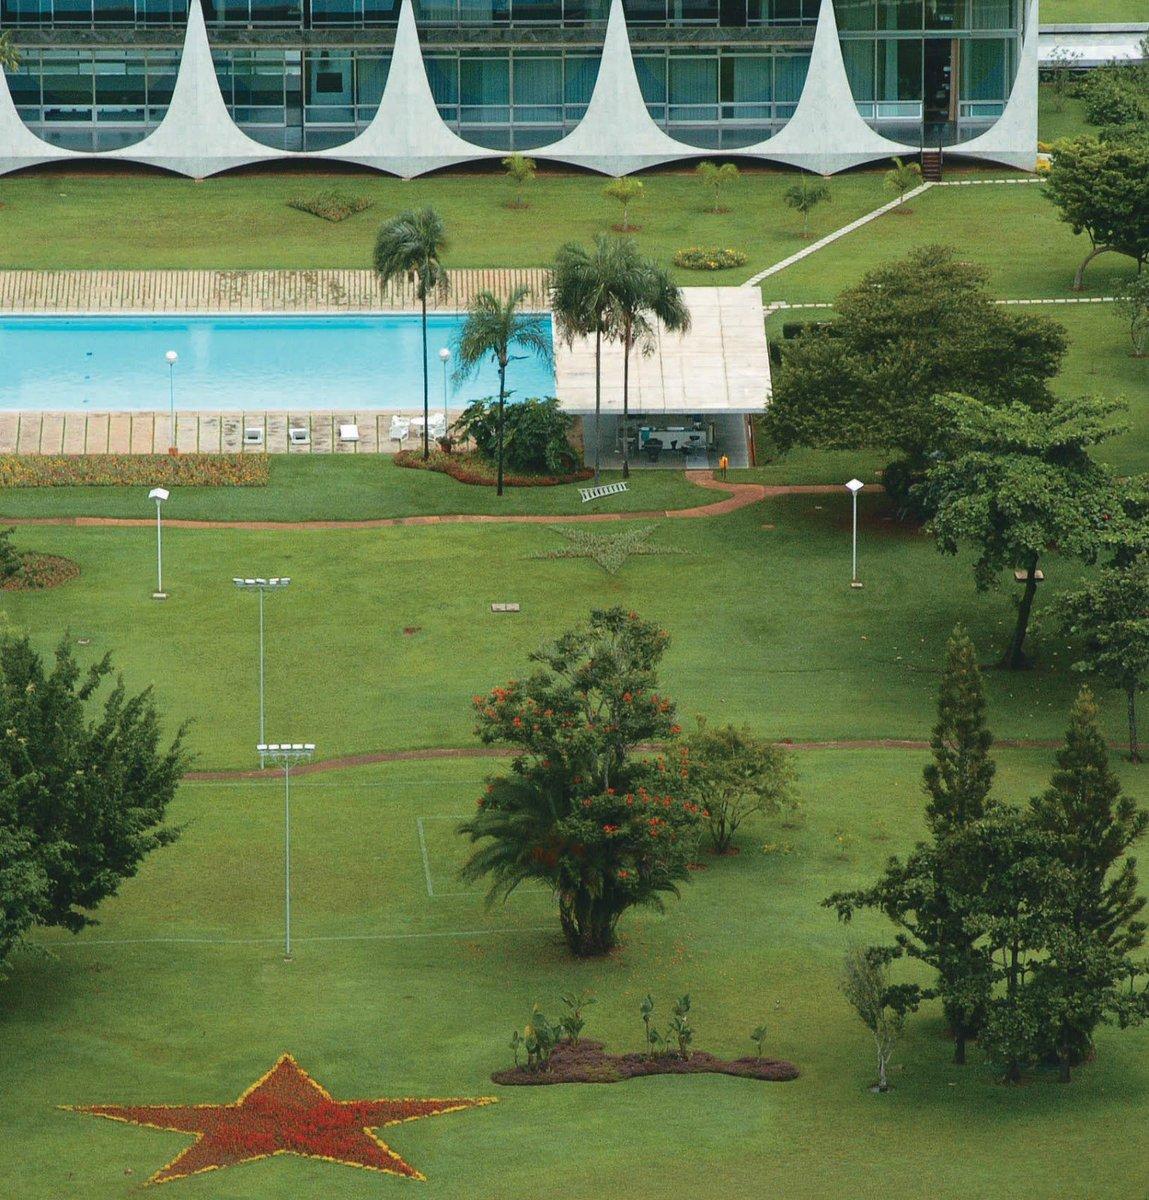 A foto abaixo, da época de Lula presidente, 'insinua' que uma estrela vermelha brotou nos jardins do Palácio do Alvorada. Não posso afirmar que a grama foi podada para dar lugar a uma estrela. Ou melhor: até posso, mas, por prudência, não o faço.